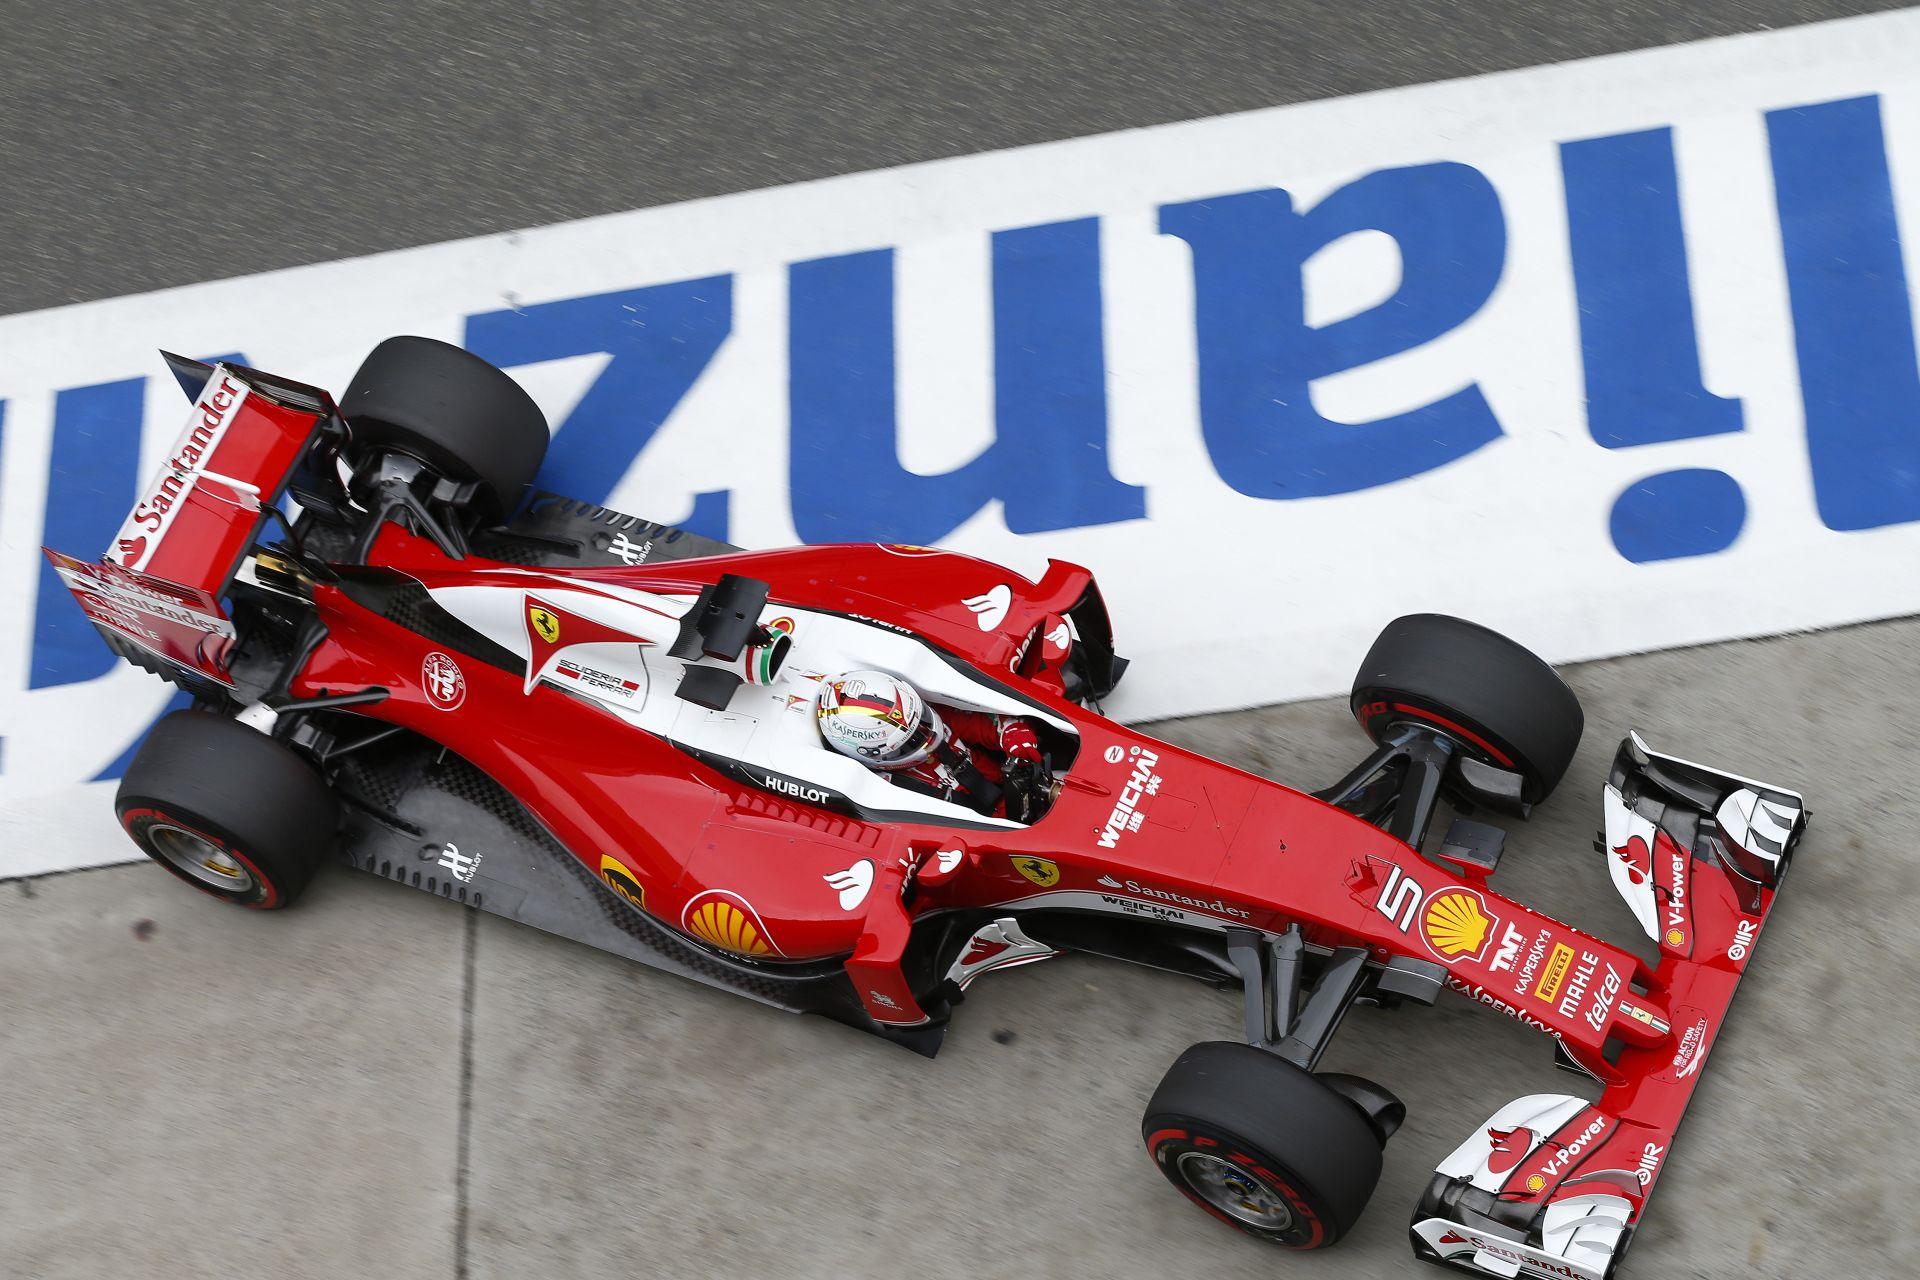 """Óriási álomvilágban van a Ferrari? A Red Bull """"élve felzabálhatja"""" őket"""